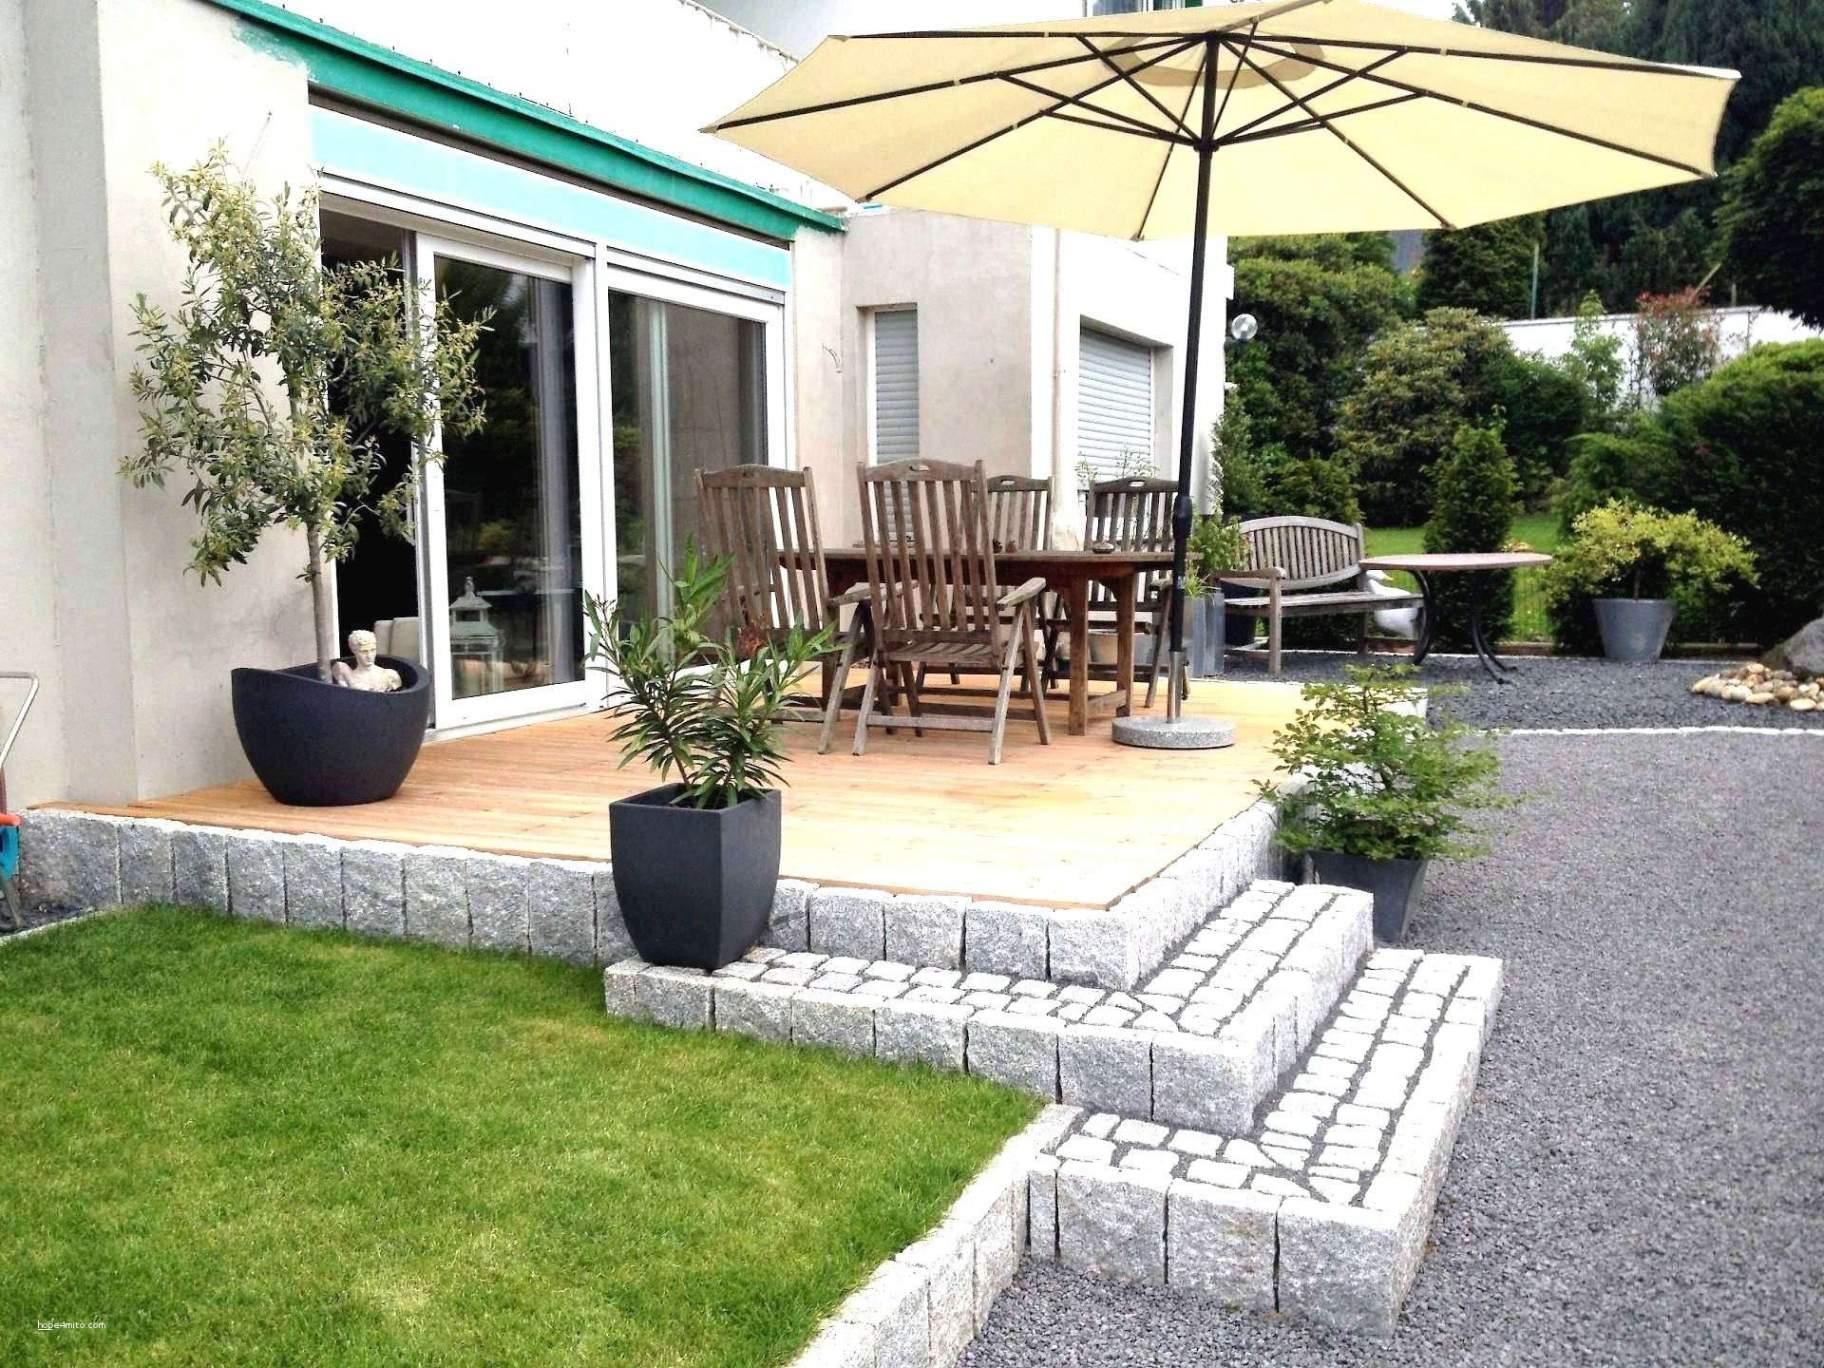 Balkon Gestalten Mediterran Elegant 32 Einzigartig Garten Terrassen Ideen Das Beste Von